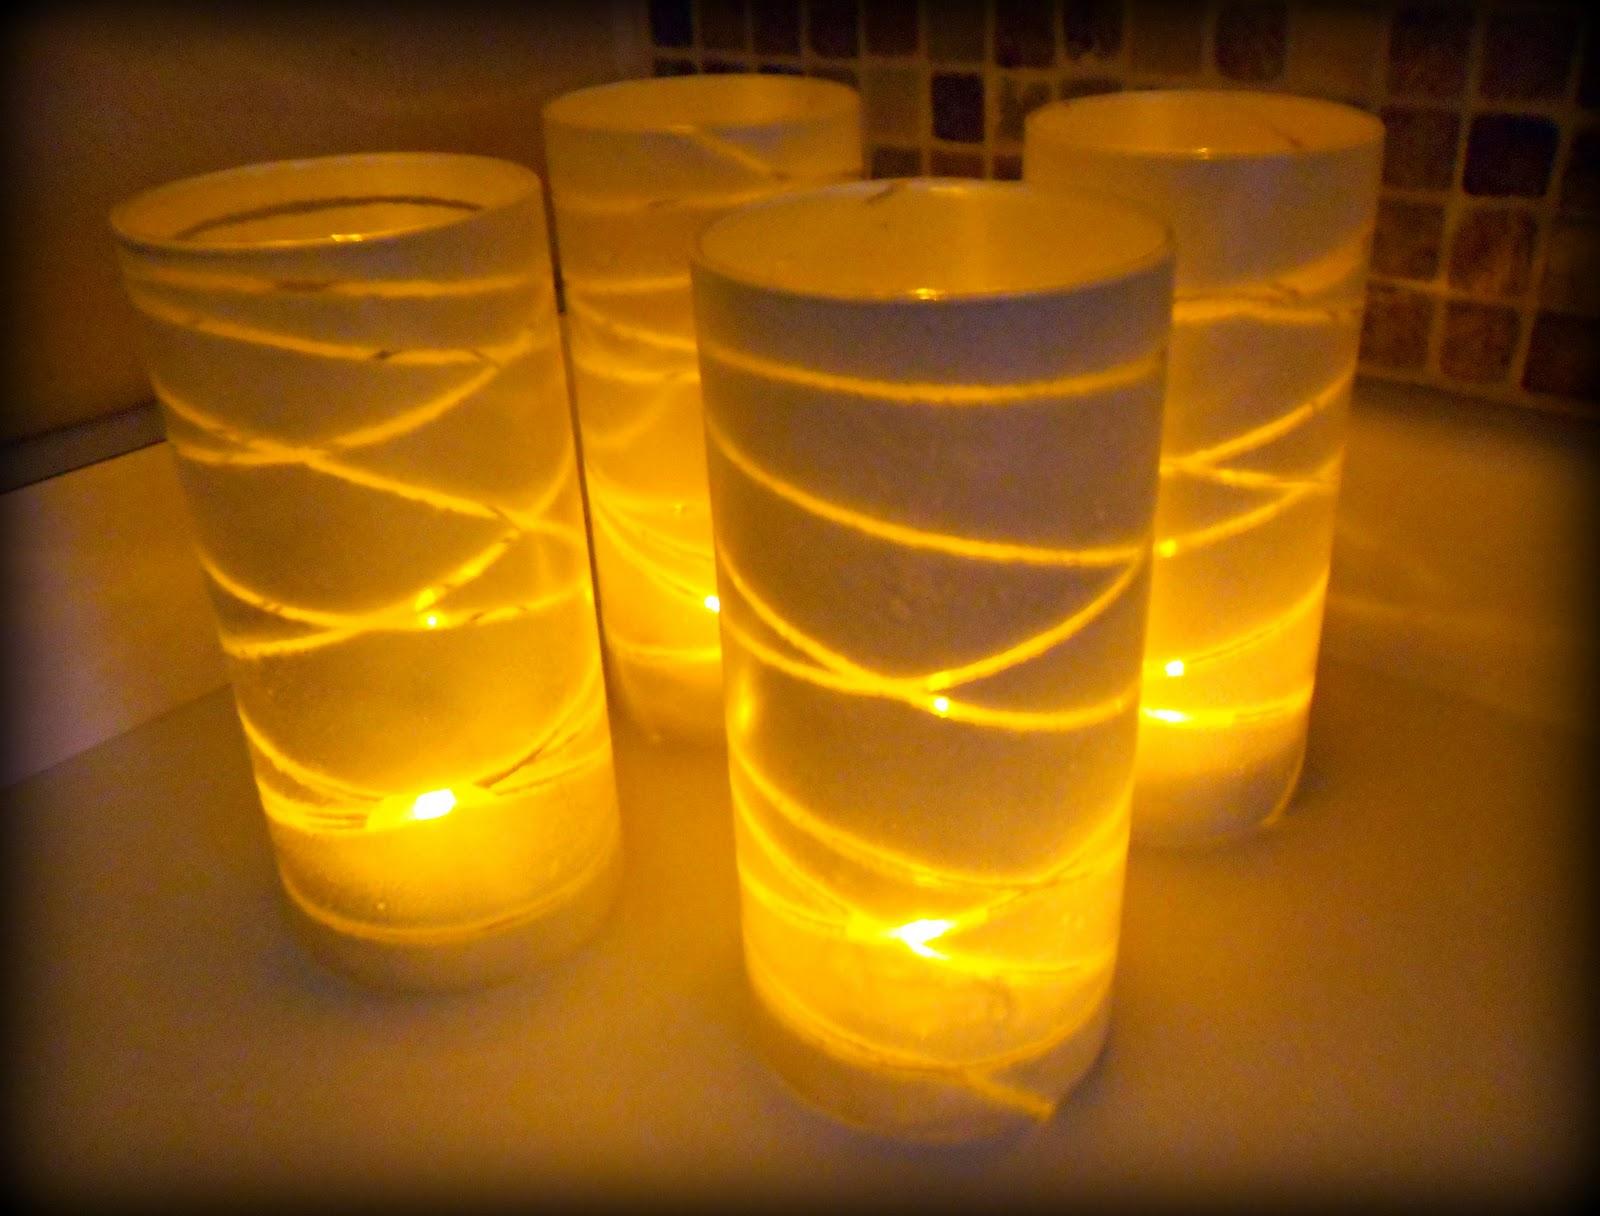 Dollar store glass vase christmas luminaries tutorial for Making luminaries